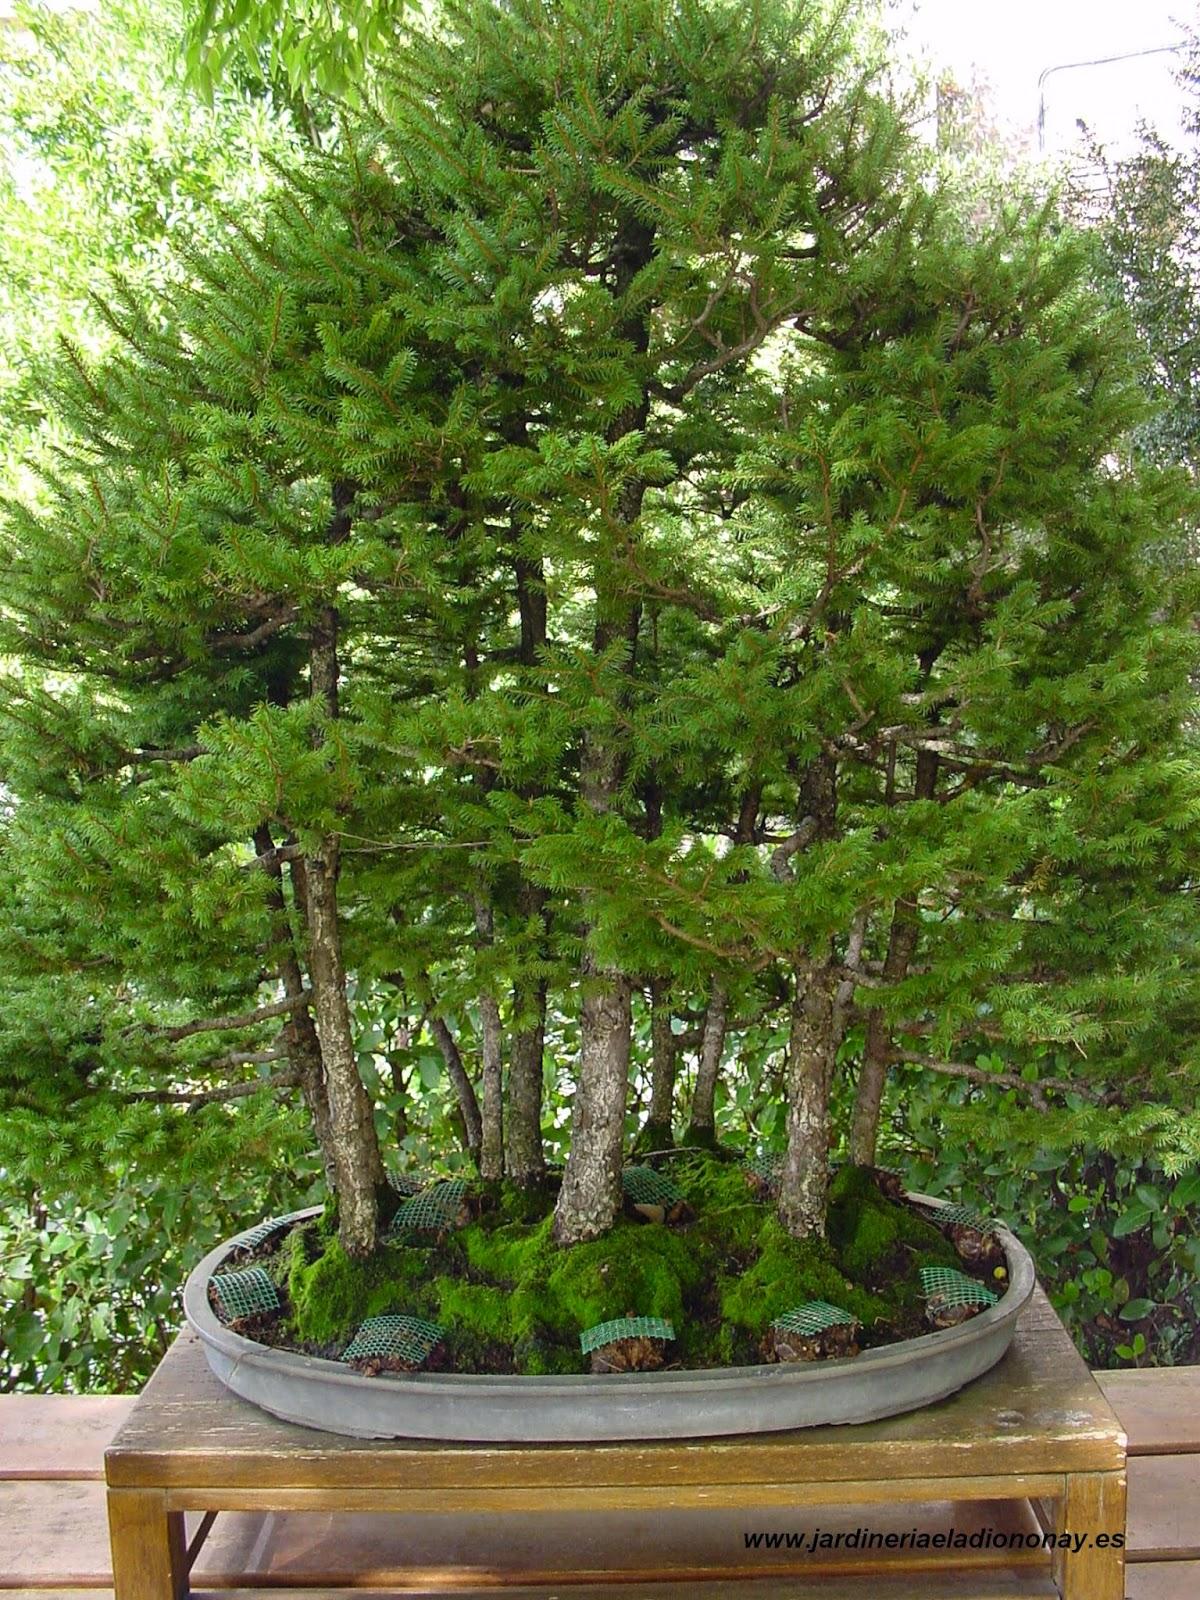 Jardineria eladio nonay bosque bons i jardiner a eladio - Jardineria eladio nonay ...